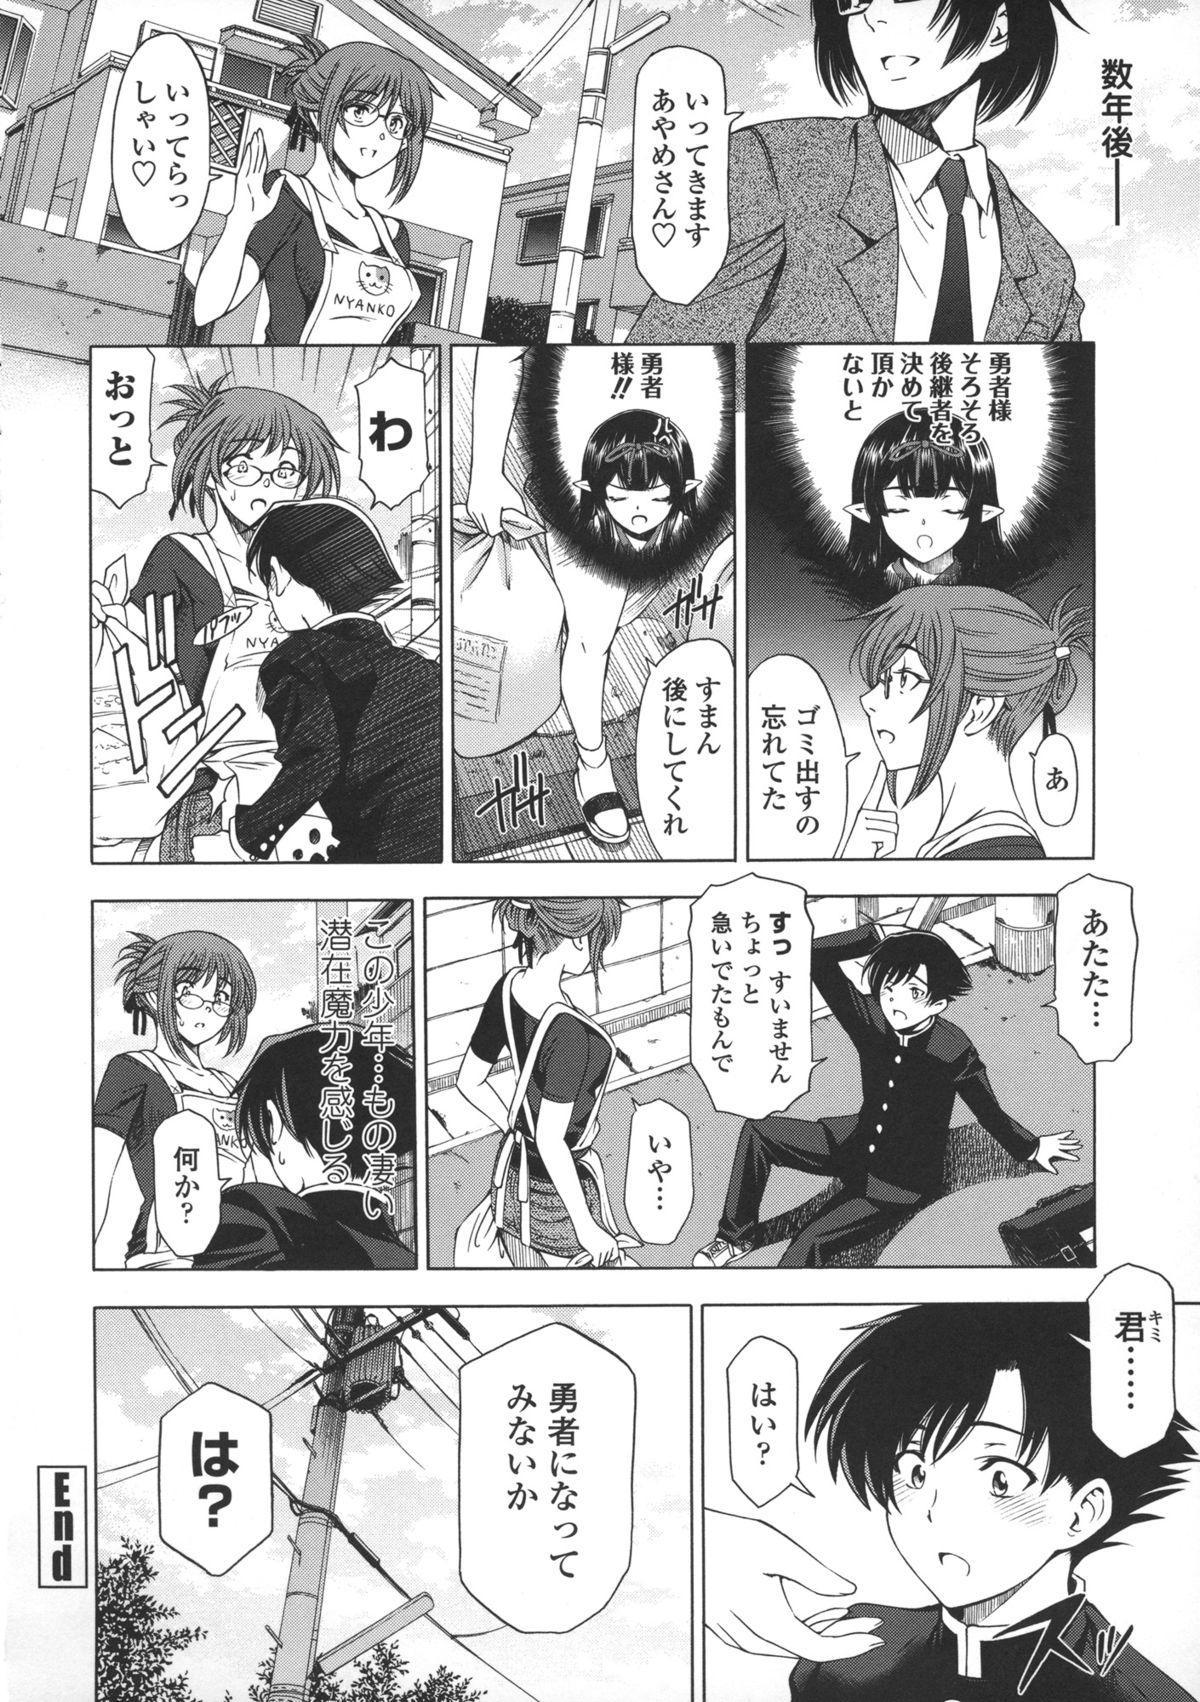 Ane wa Shota o Suki ni Naru 198